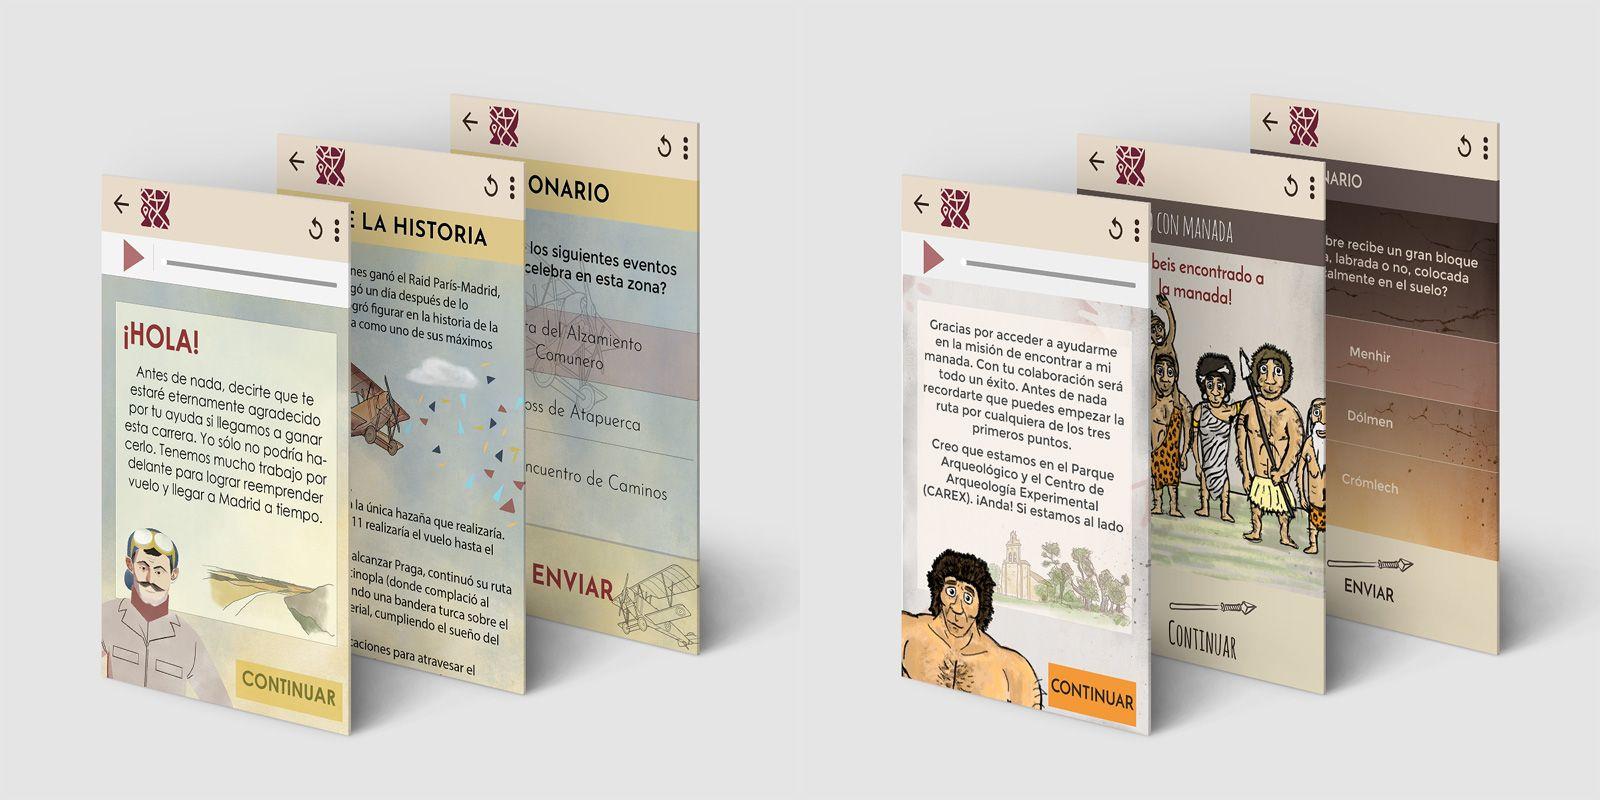 montaje de imágenes de la app de gamificación de Ataquintagame